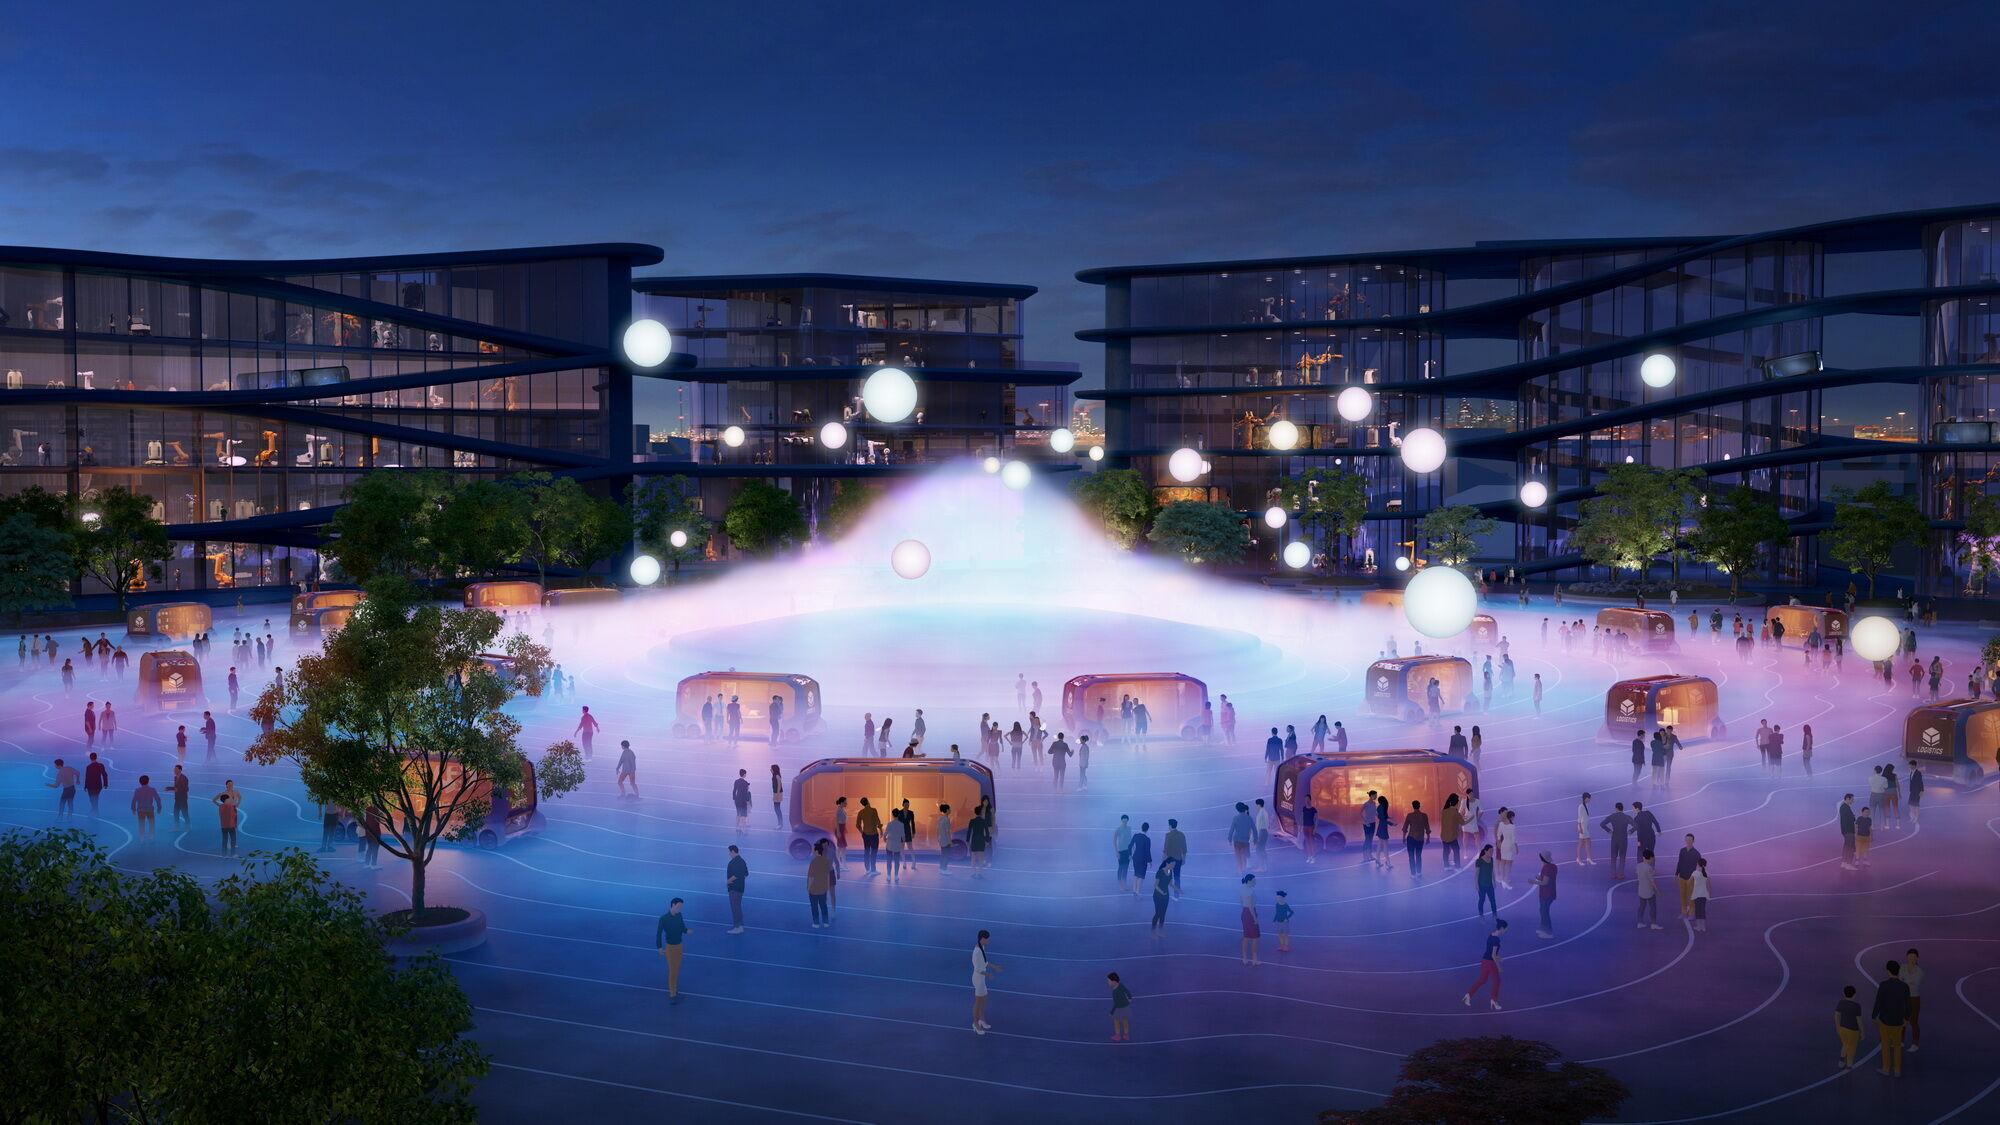 Впервые Toyota объявила о проекте строительства Woven City на выставке CES 2020 в Лас-Вегасе